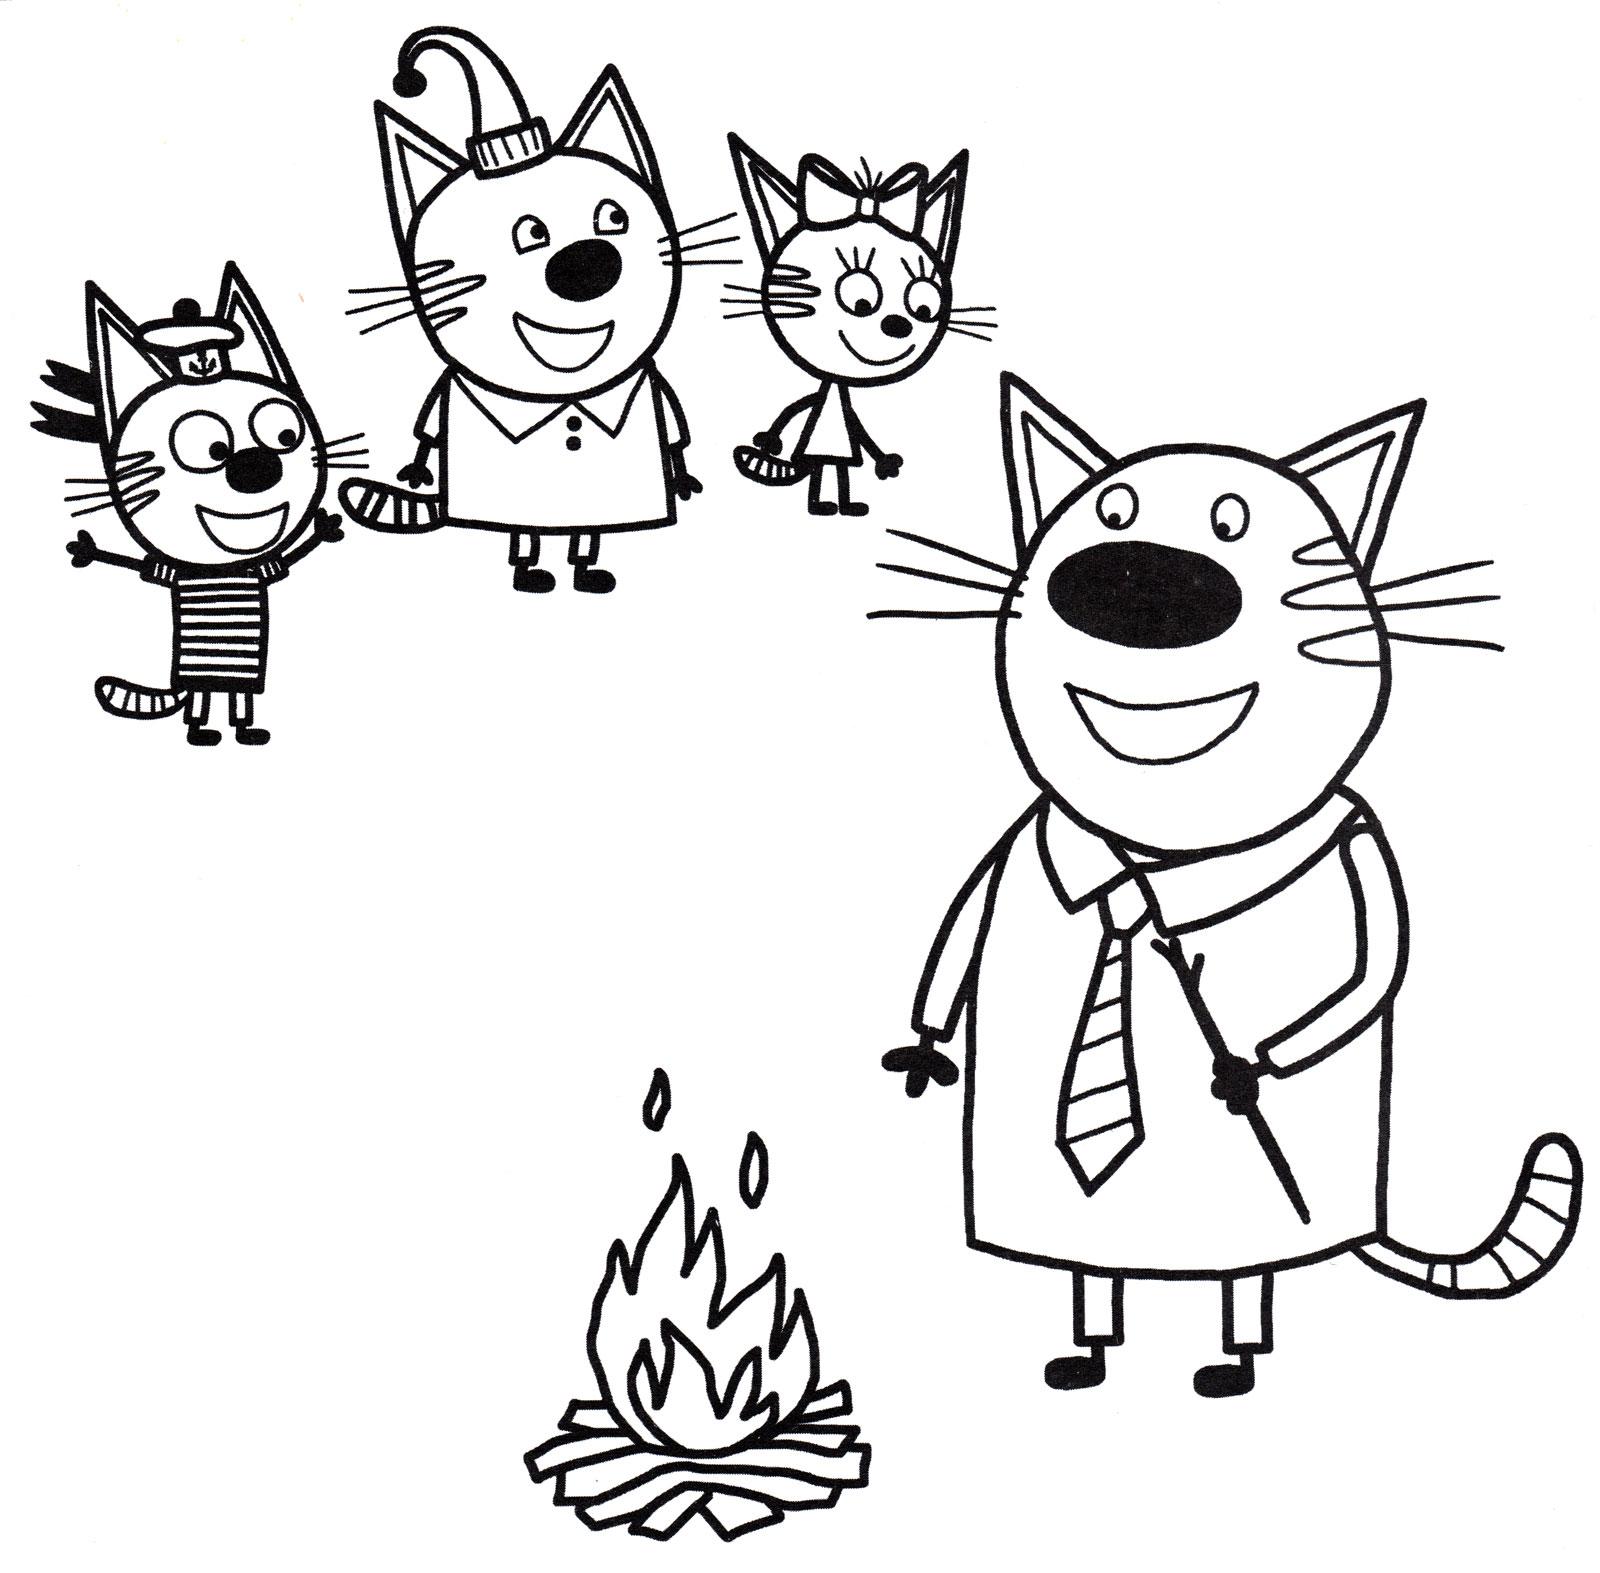 Раскраска Папа кот развел костер | Раскраски Три кота